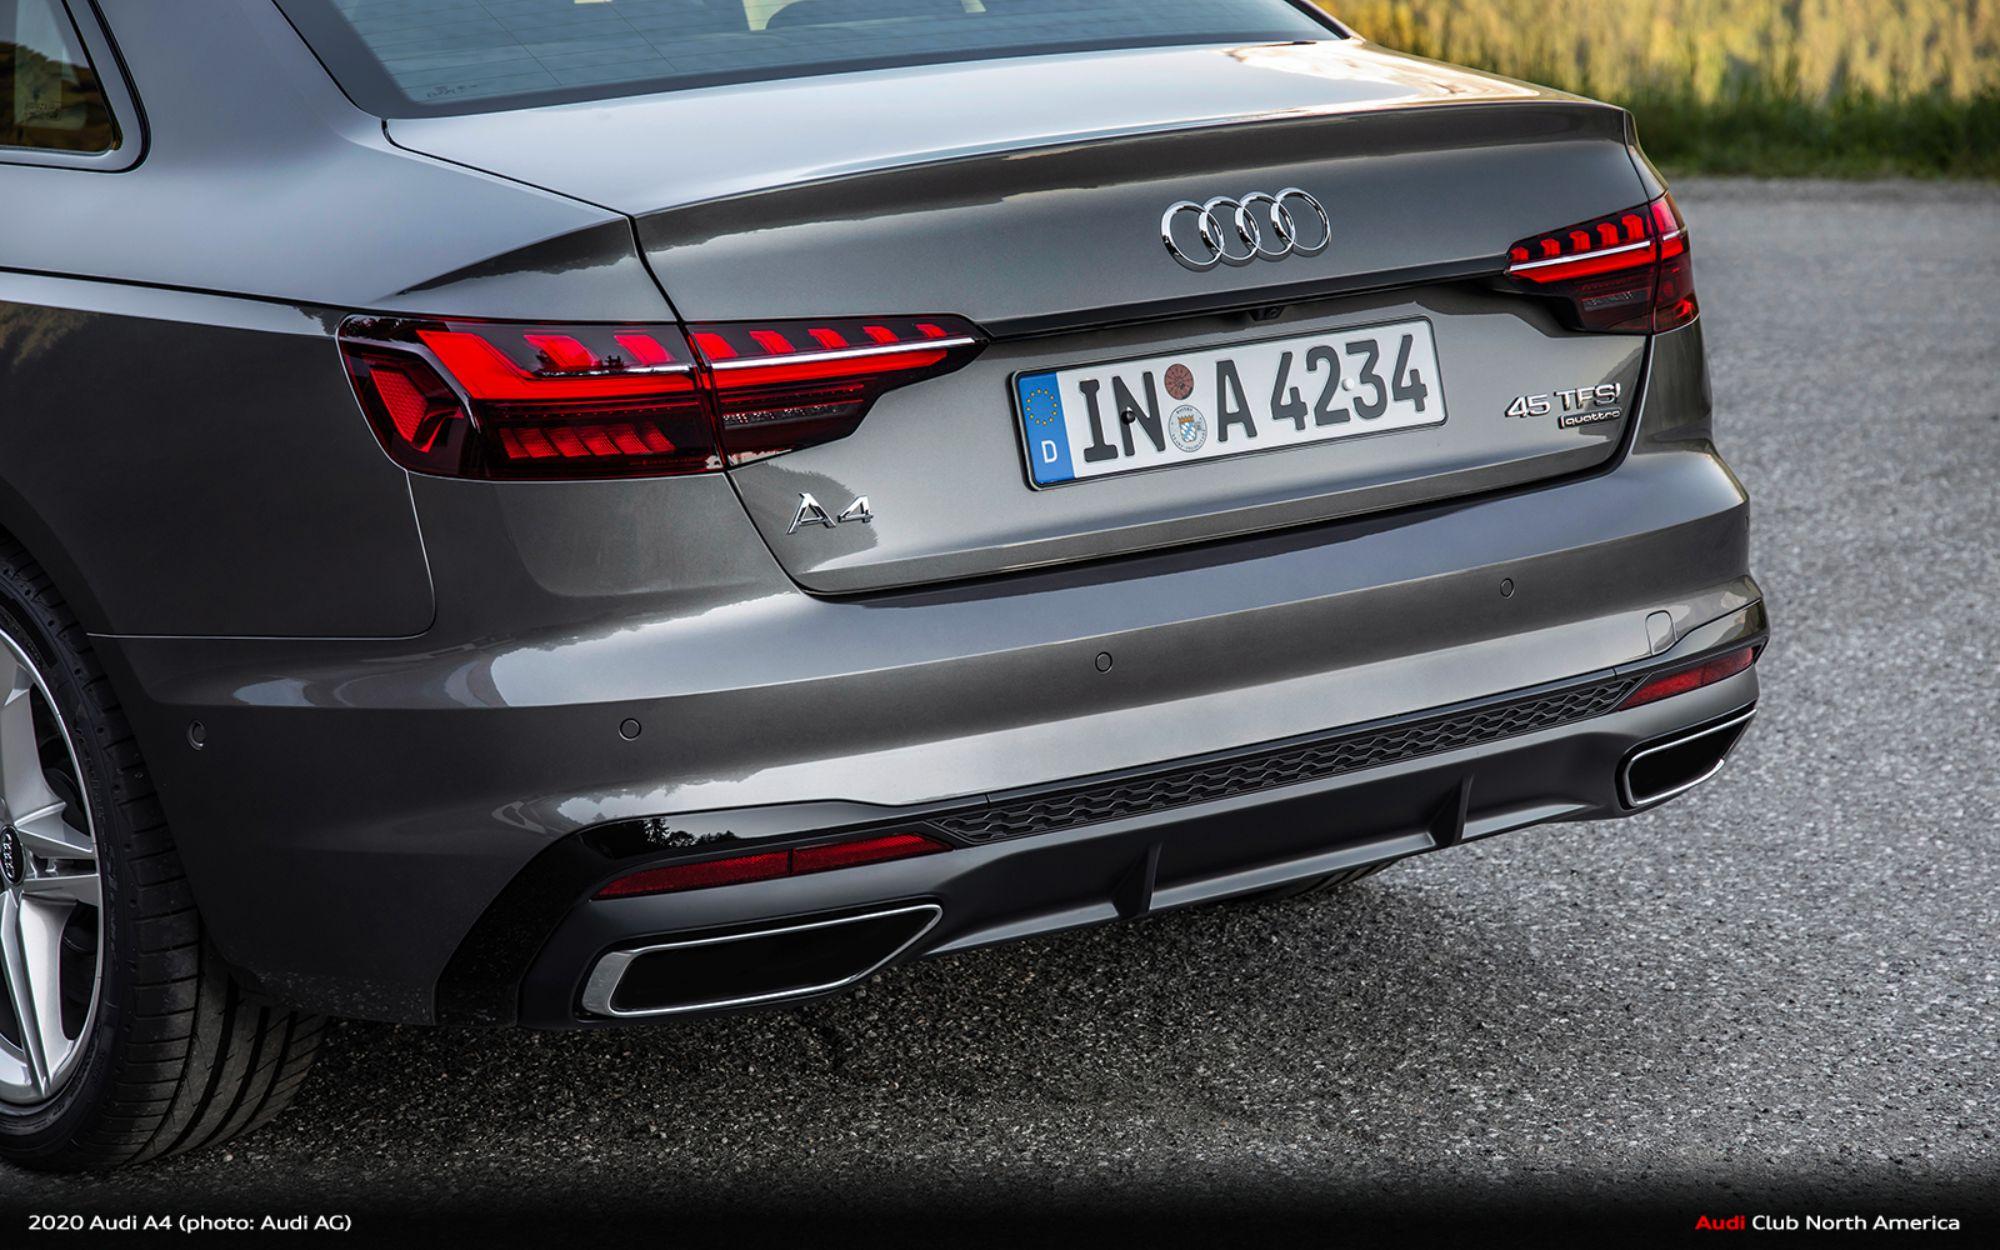 Kelebihan Kekurangan Audi A4 2020 Harga